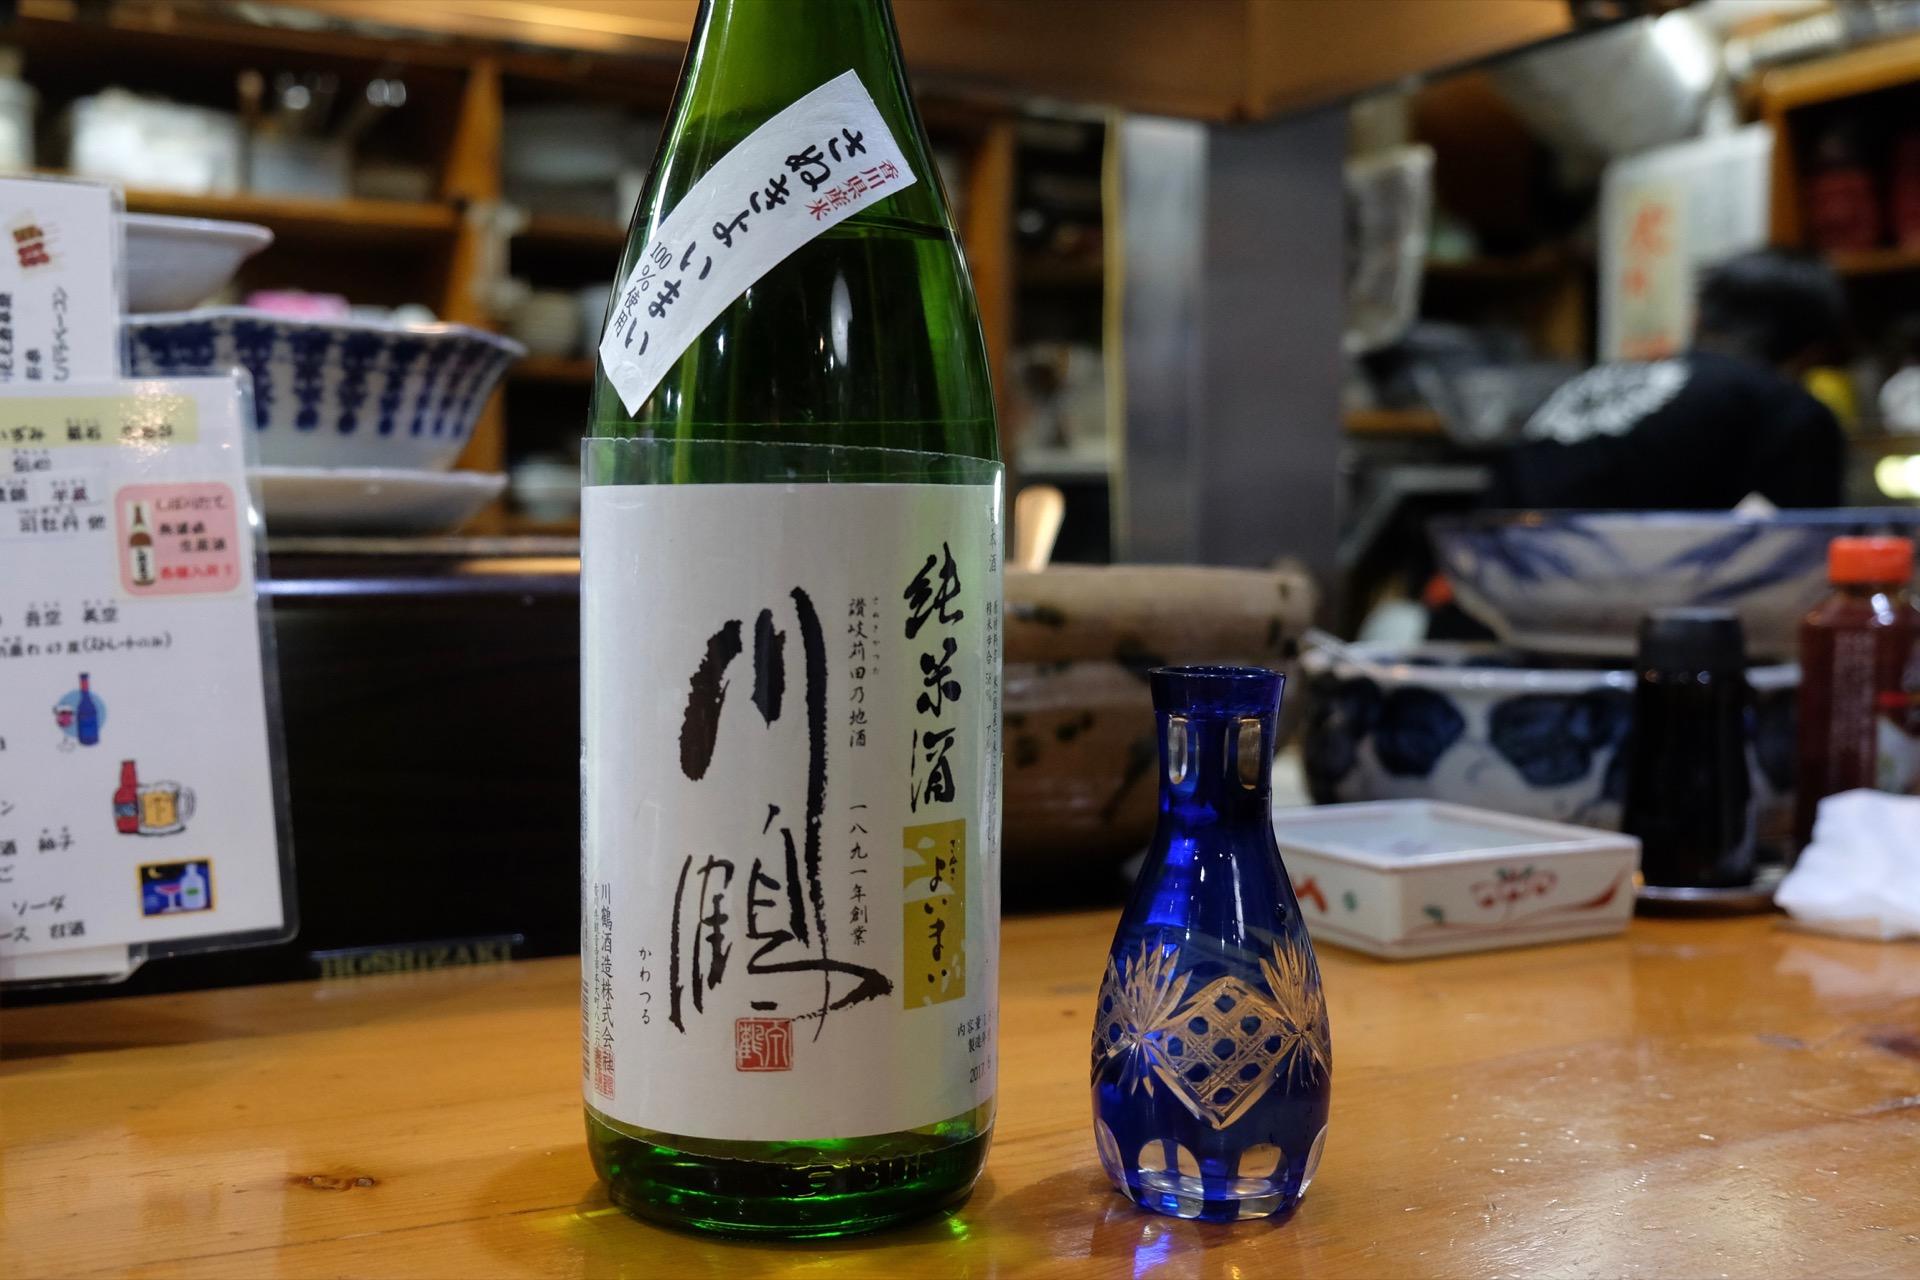 川鶴 純米酒 さぬきよいまい|日本酒テイスティングノート